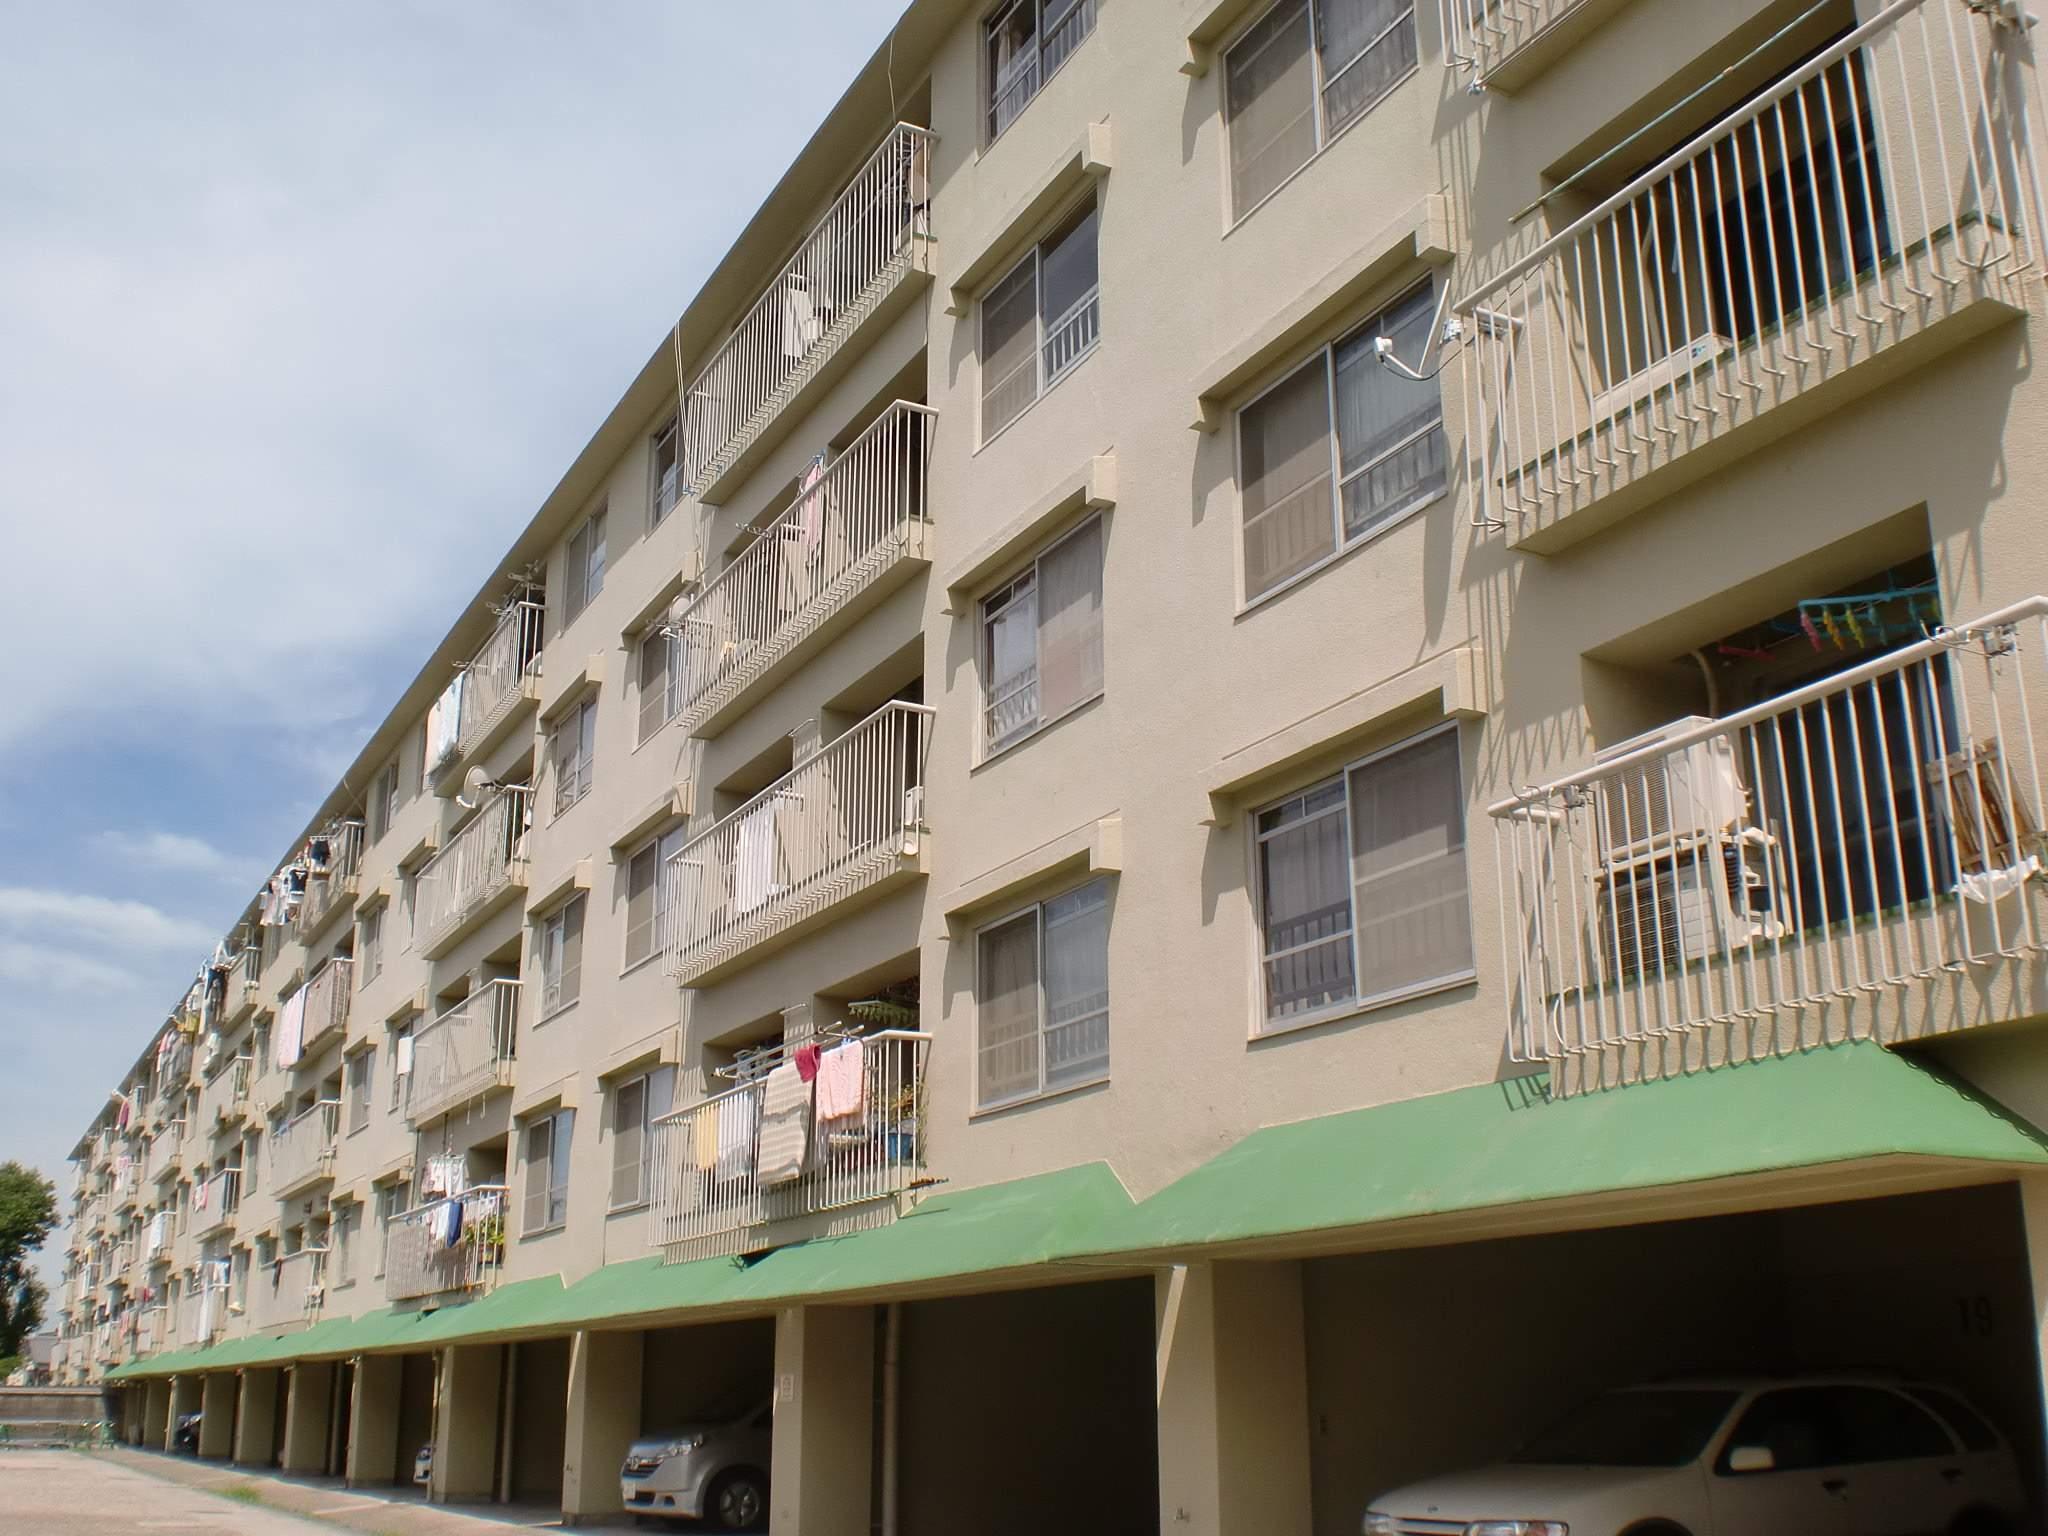 大阪府堺市東区、白鷺駅徒歩17分の築45年 5階建の賃貸マンション